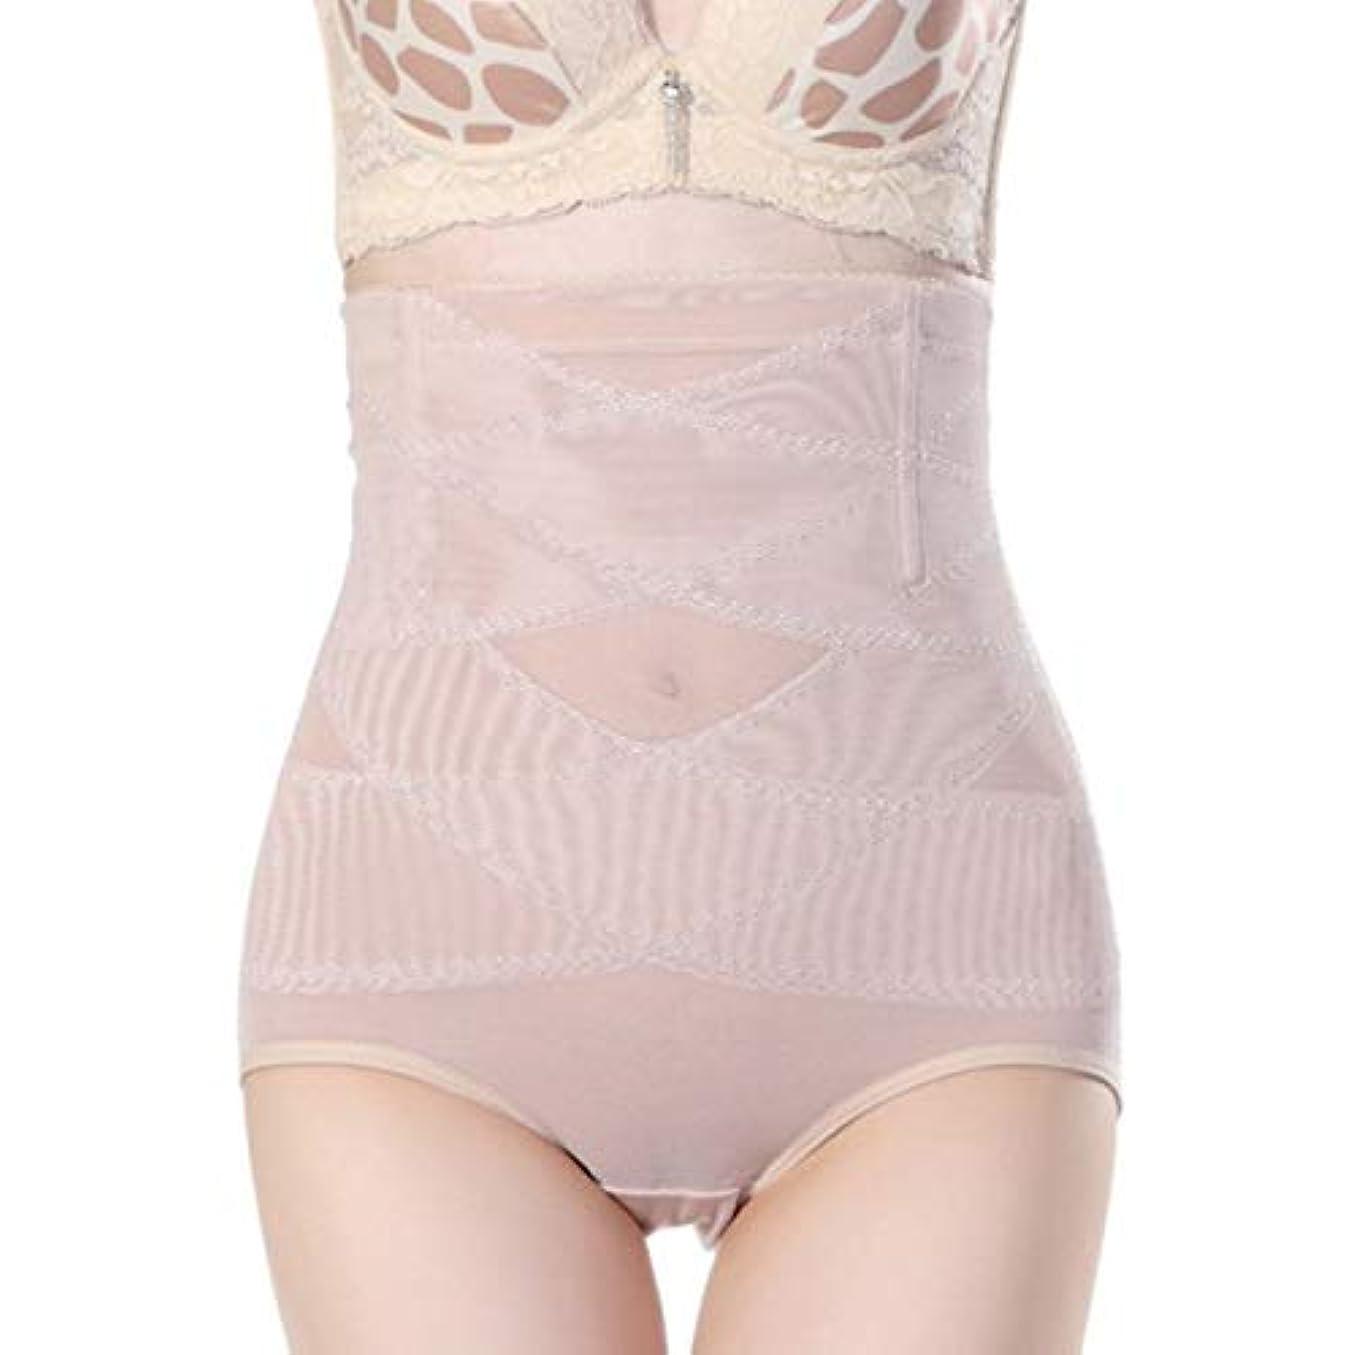 航空会社ピック有名人腹部制御下着シームレスおなかコントロールパンティーバットリフターボディシェイパーを痩身通気性のハイウエストの女性 - 肌色M